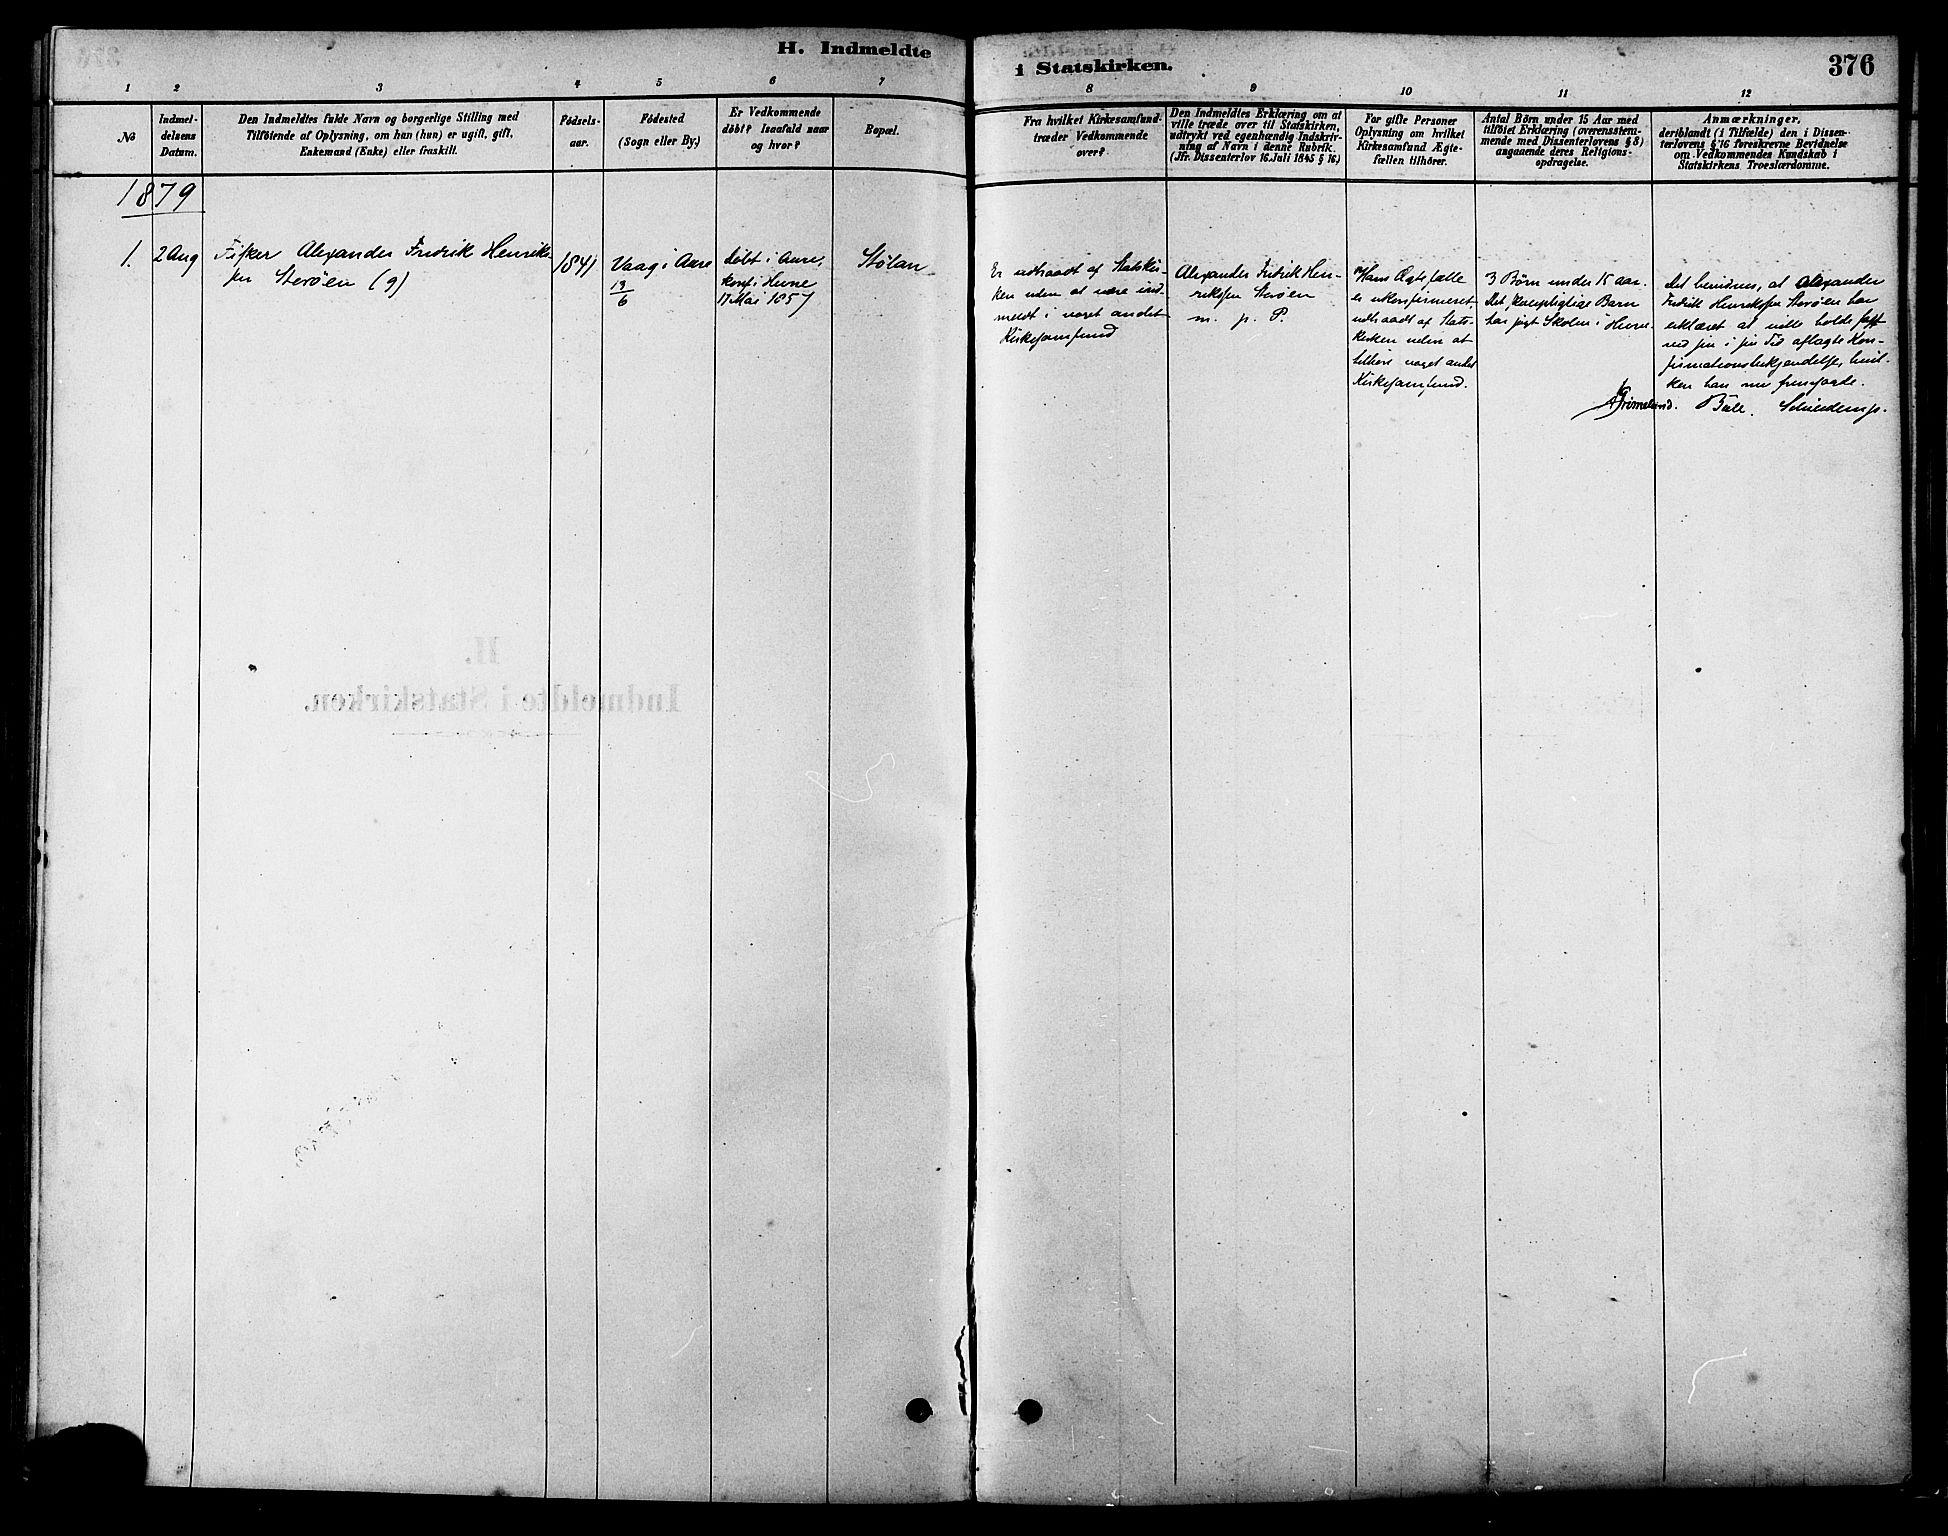 SAT, Ministerialprotokoller, klokkerbøker og fødselsregistre - Sør-Trøndelag, 630/L0496: Ministerialbok nr. 630A09, 1879-1895, s. 376